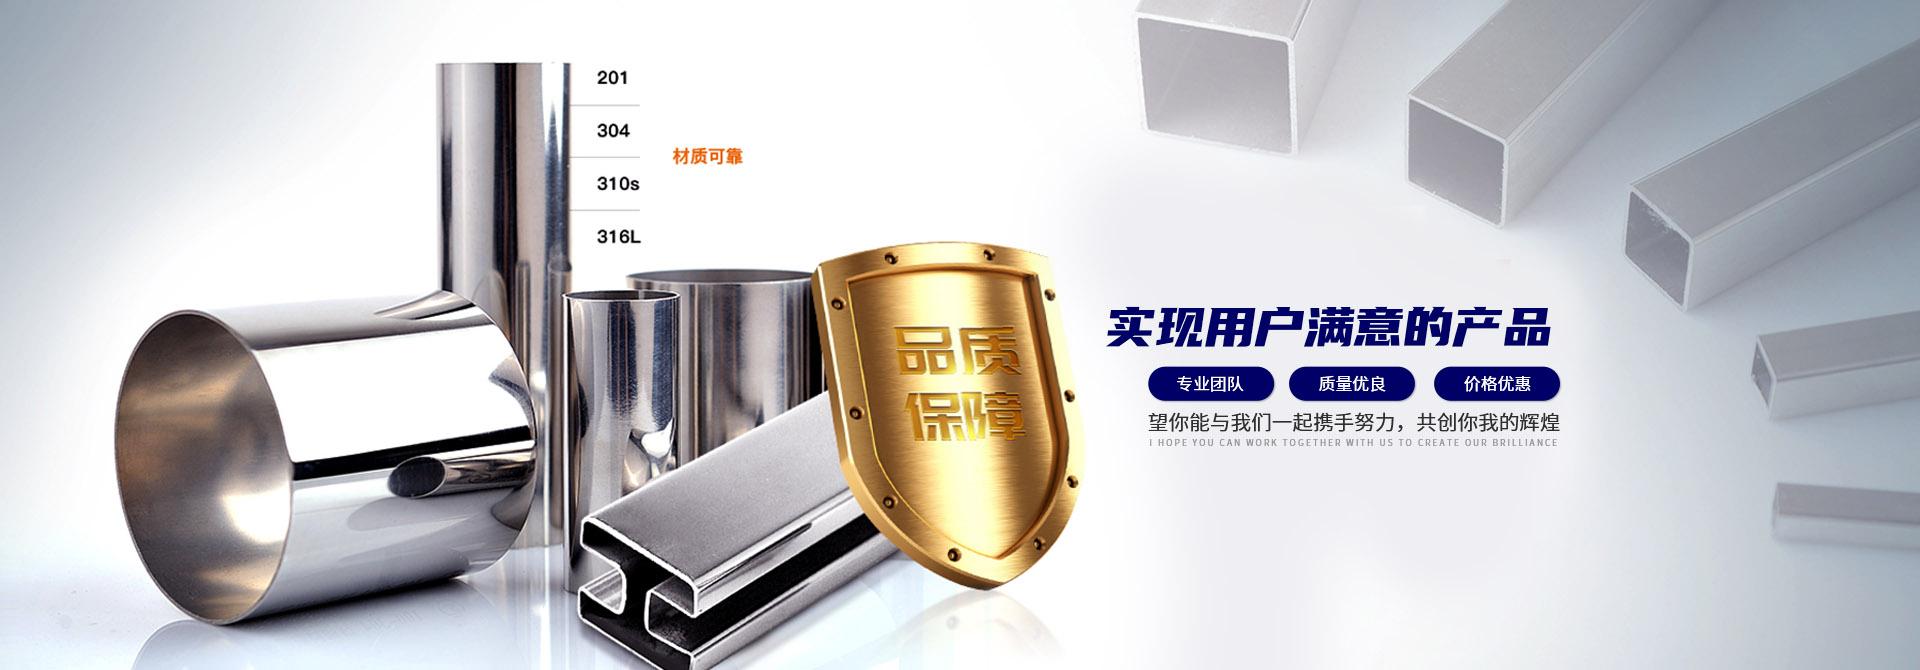 北京不锈钢制品厂家